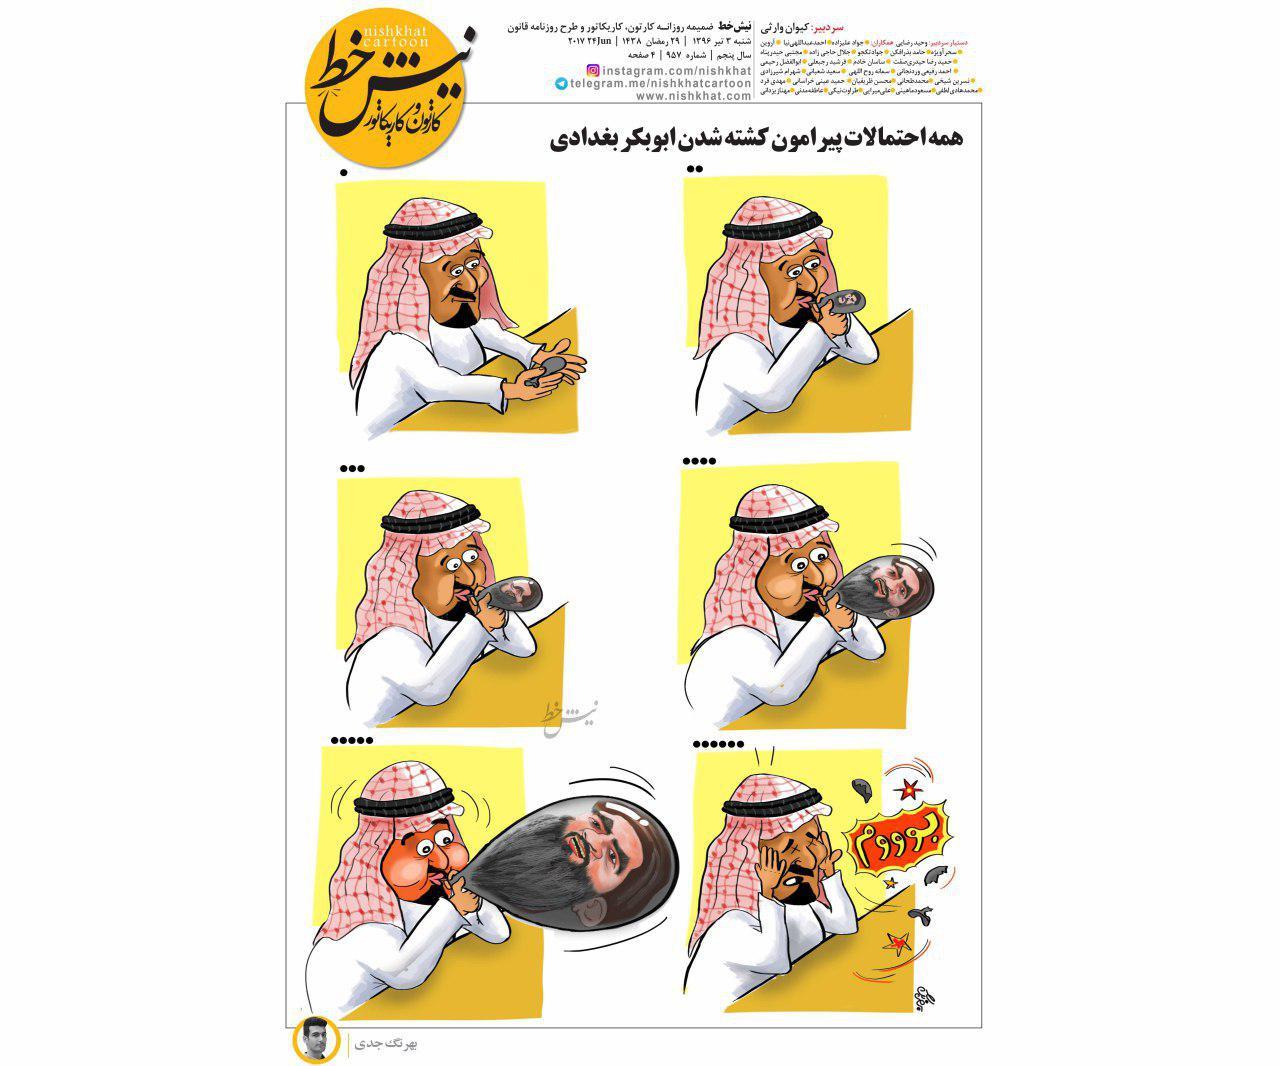 نیشخط کارتون/ همه احتمالات پیرامون کشته شدن ابوبکر بغدادی